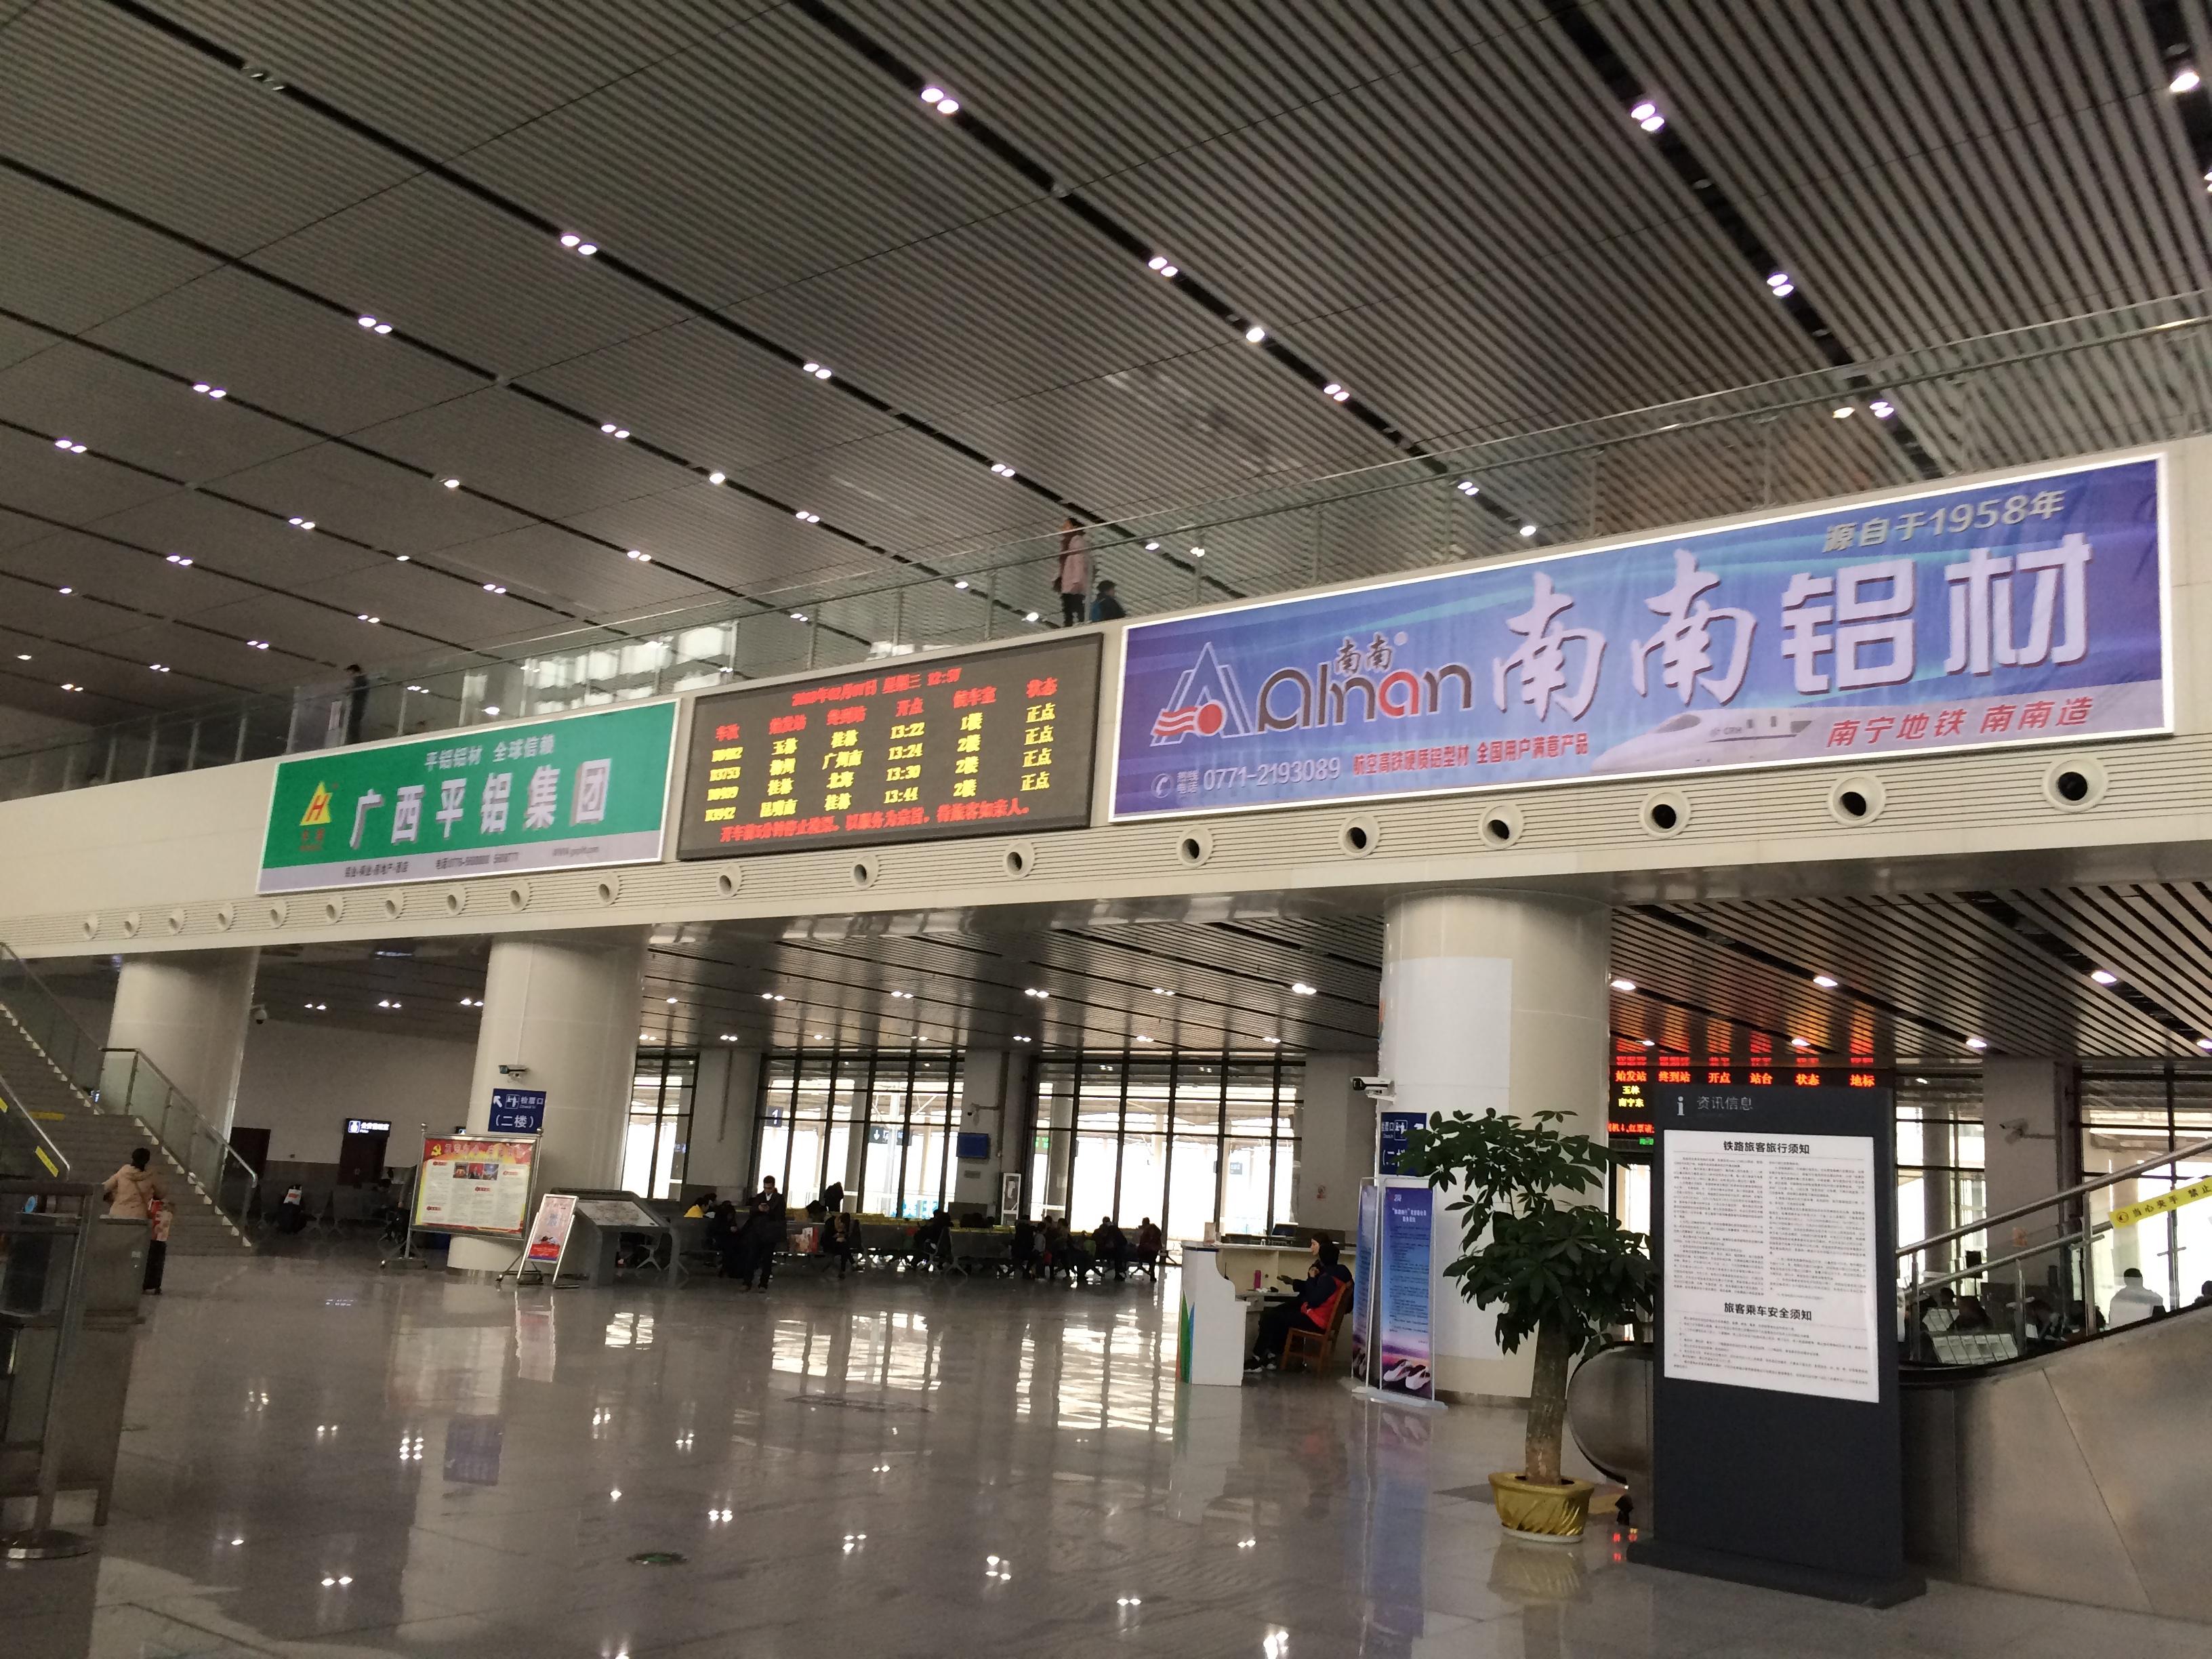 广西柳州市来宾北站火车站高铁站候车大厅灯箱媒体广告位